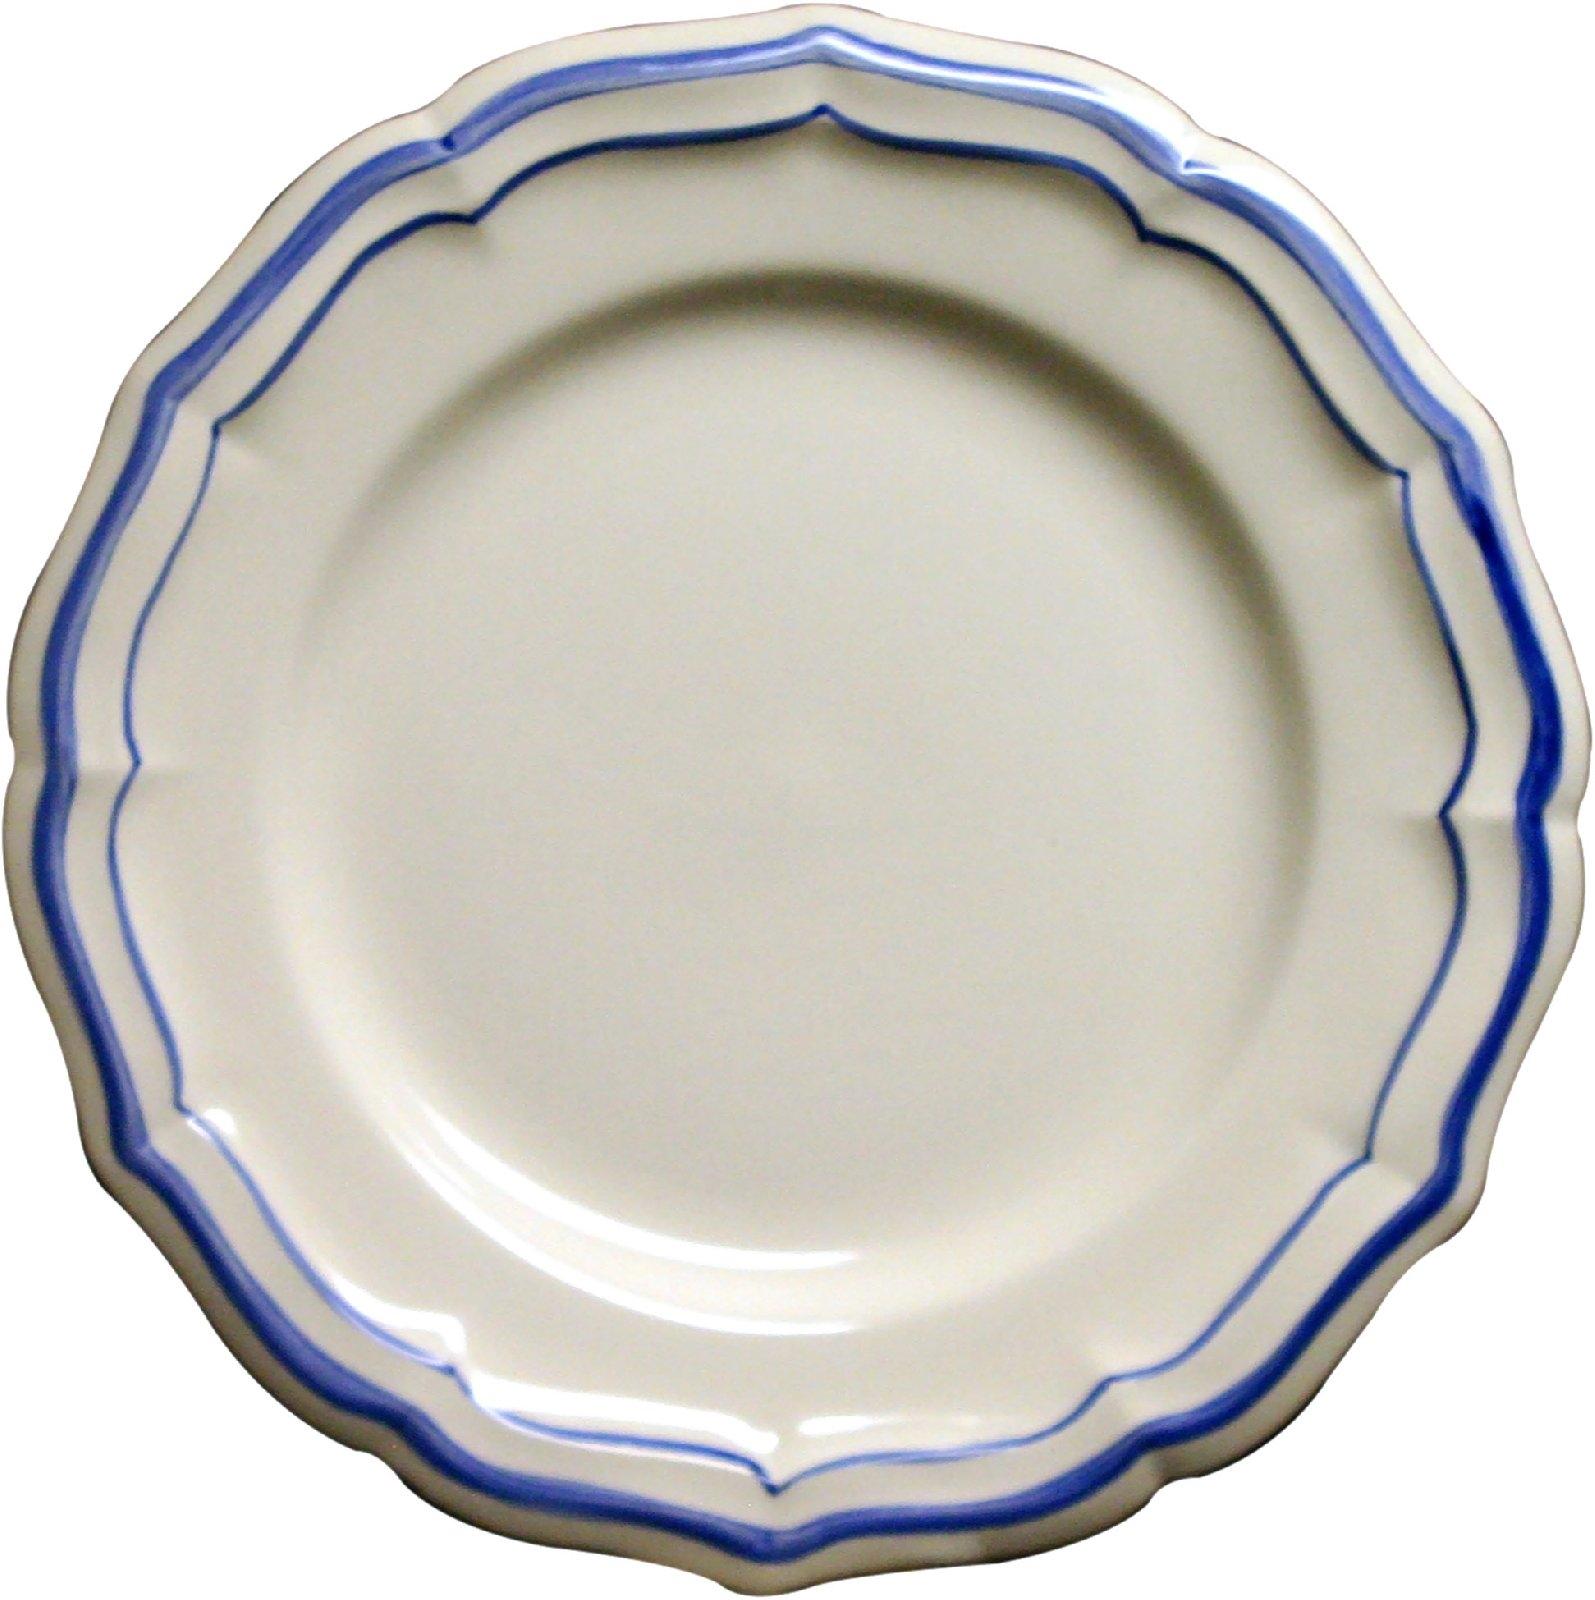 gien france filet bleu dinner plate